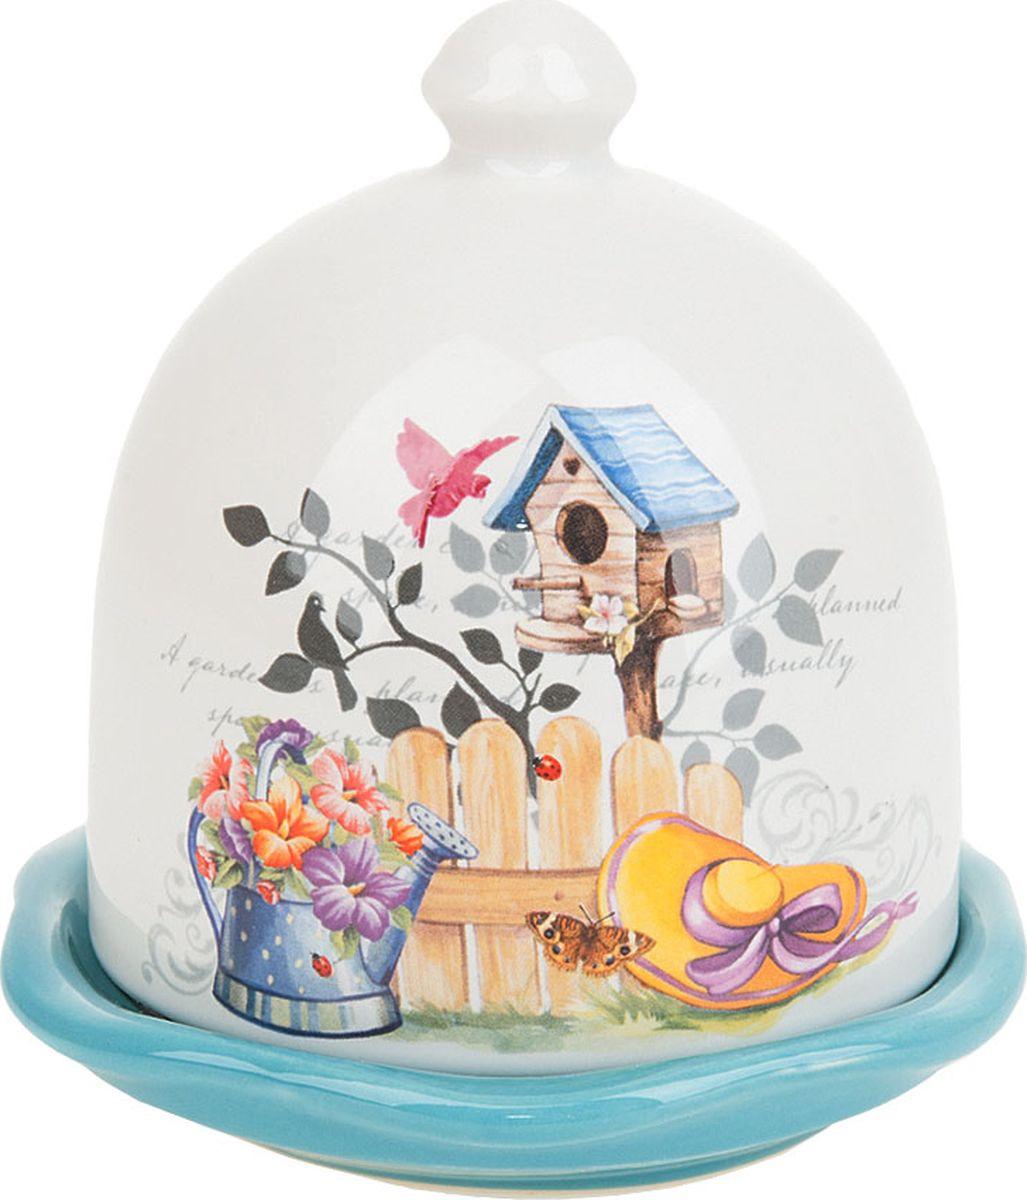 Лимонница Nouvelle De France Сад, 660068, белый, 11 х 11 х 11,5 см660068Керамическая лимонница прекрасно подойдет для вашей кухни.Станет отличным подарком для ваших друзей и близких Рекомендуем!